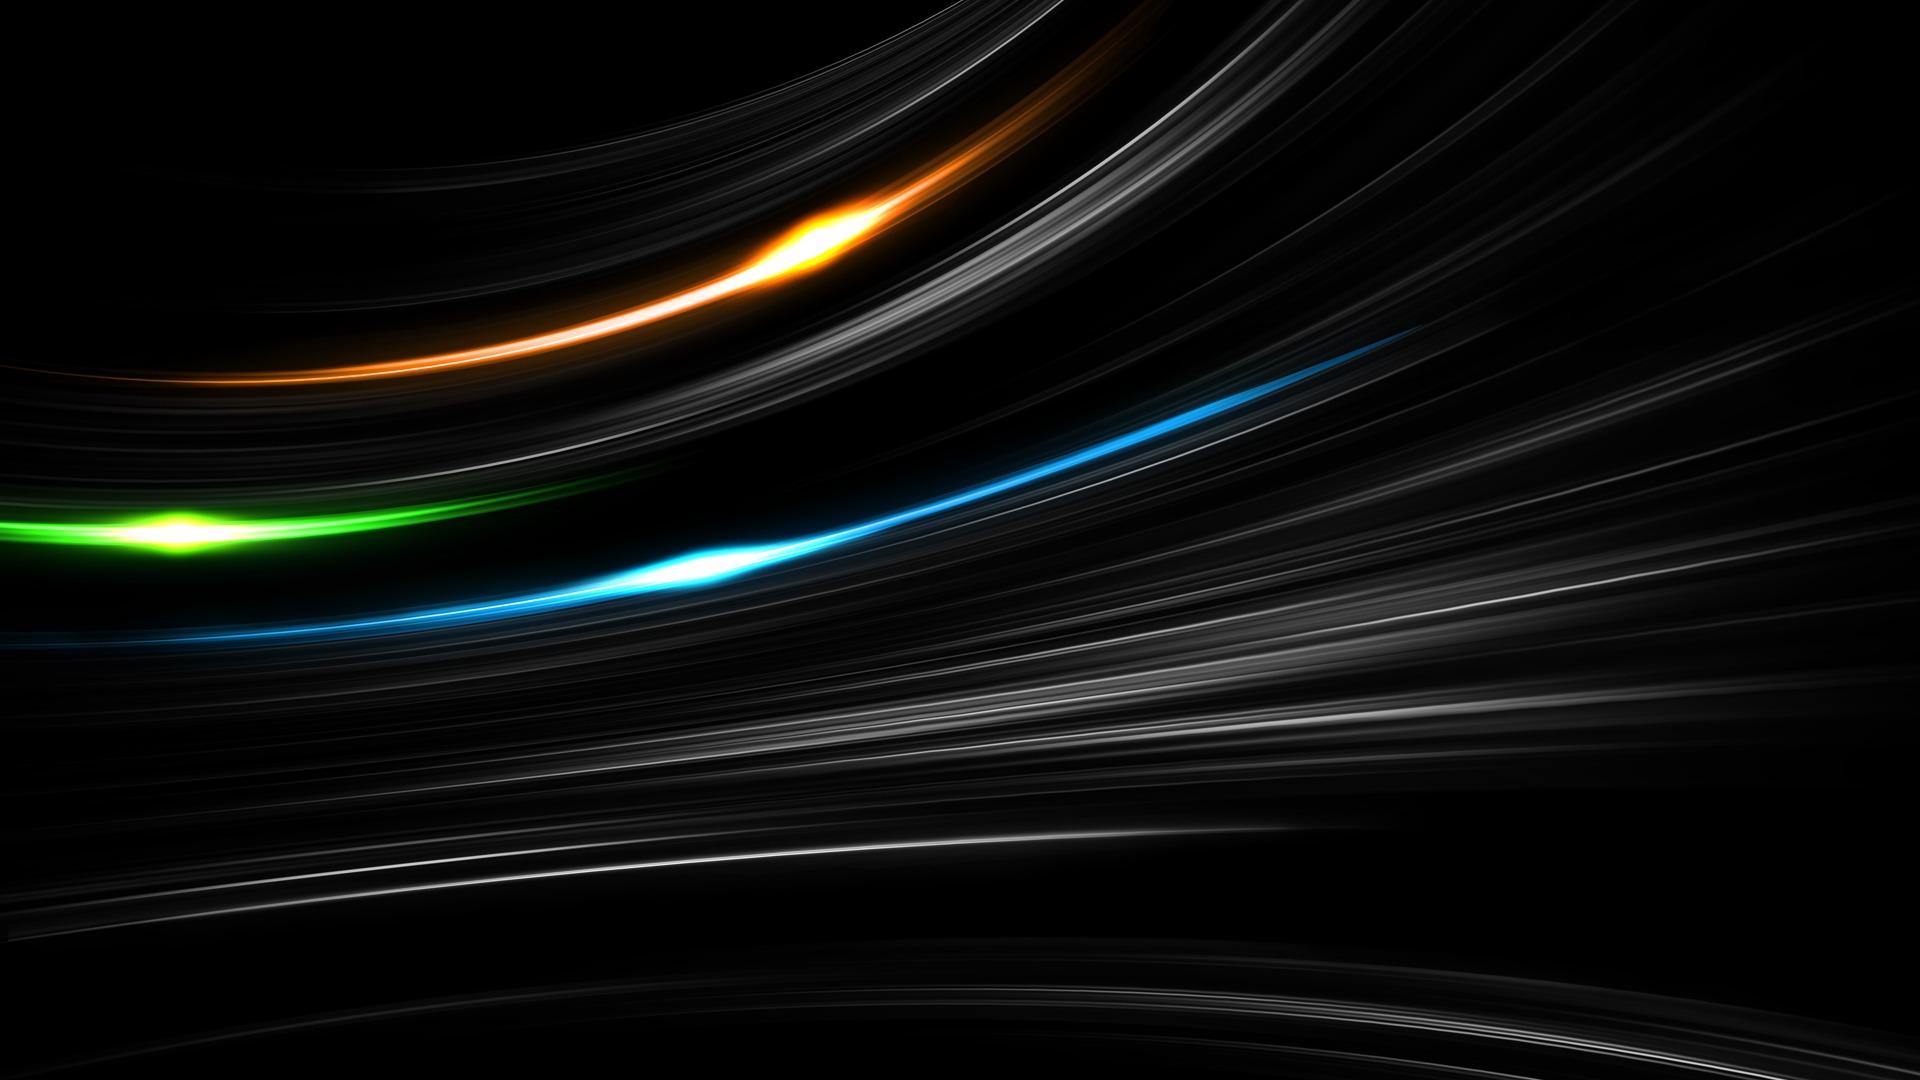 light blaze hd 1080p wallpaper wallpapers55com   Best Wallpapers 1920x1080